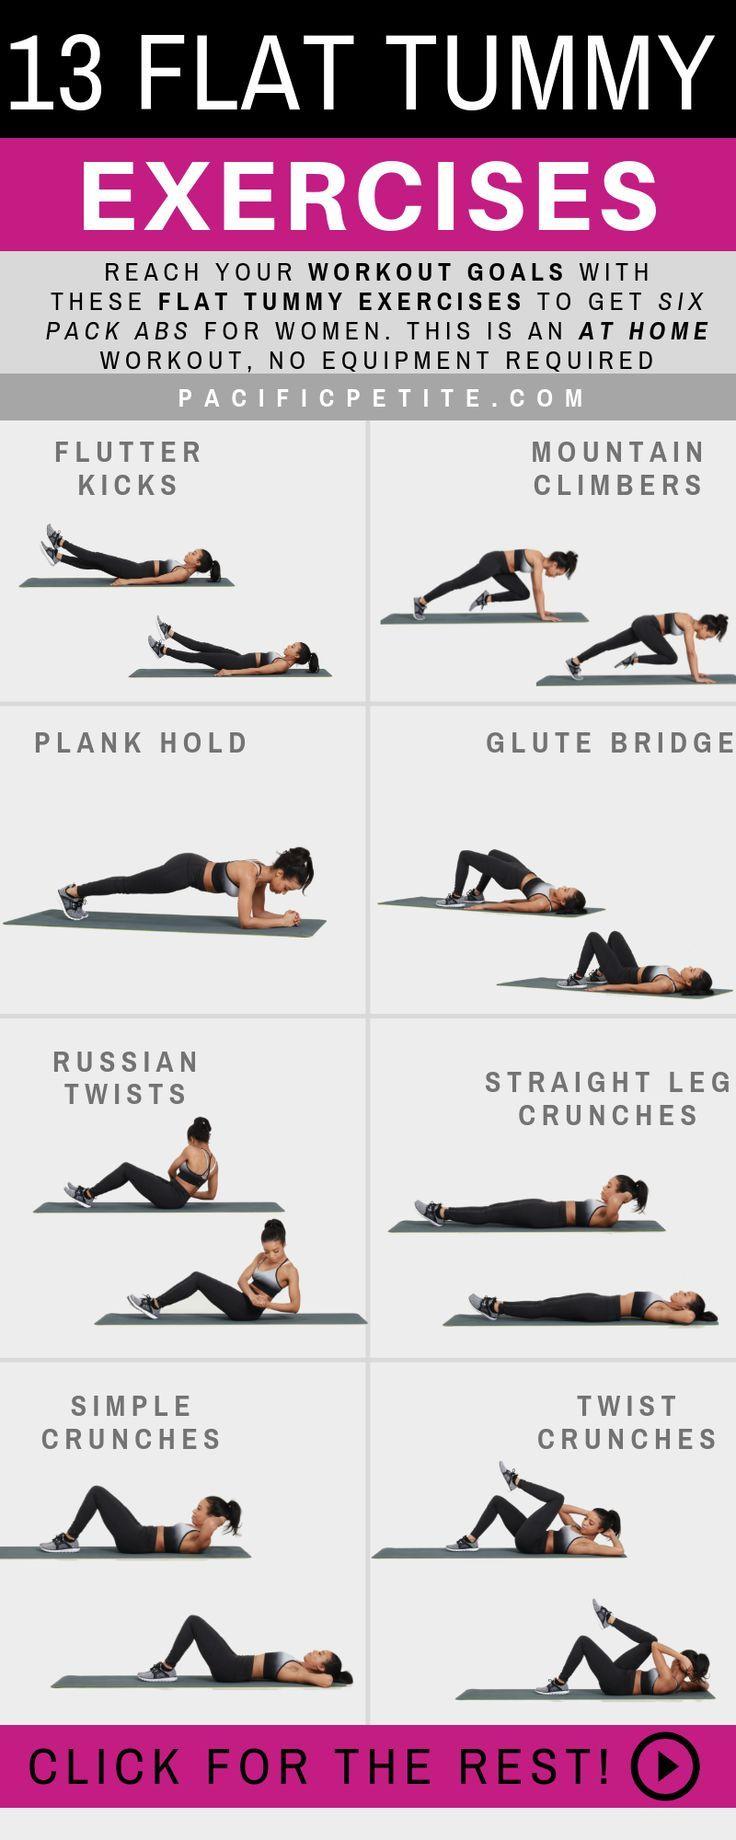 13 Amazing Flat Tummy Exercises – 30 Days Workout Challenge